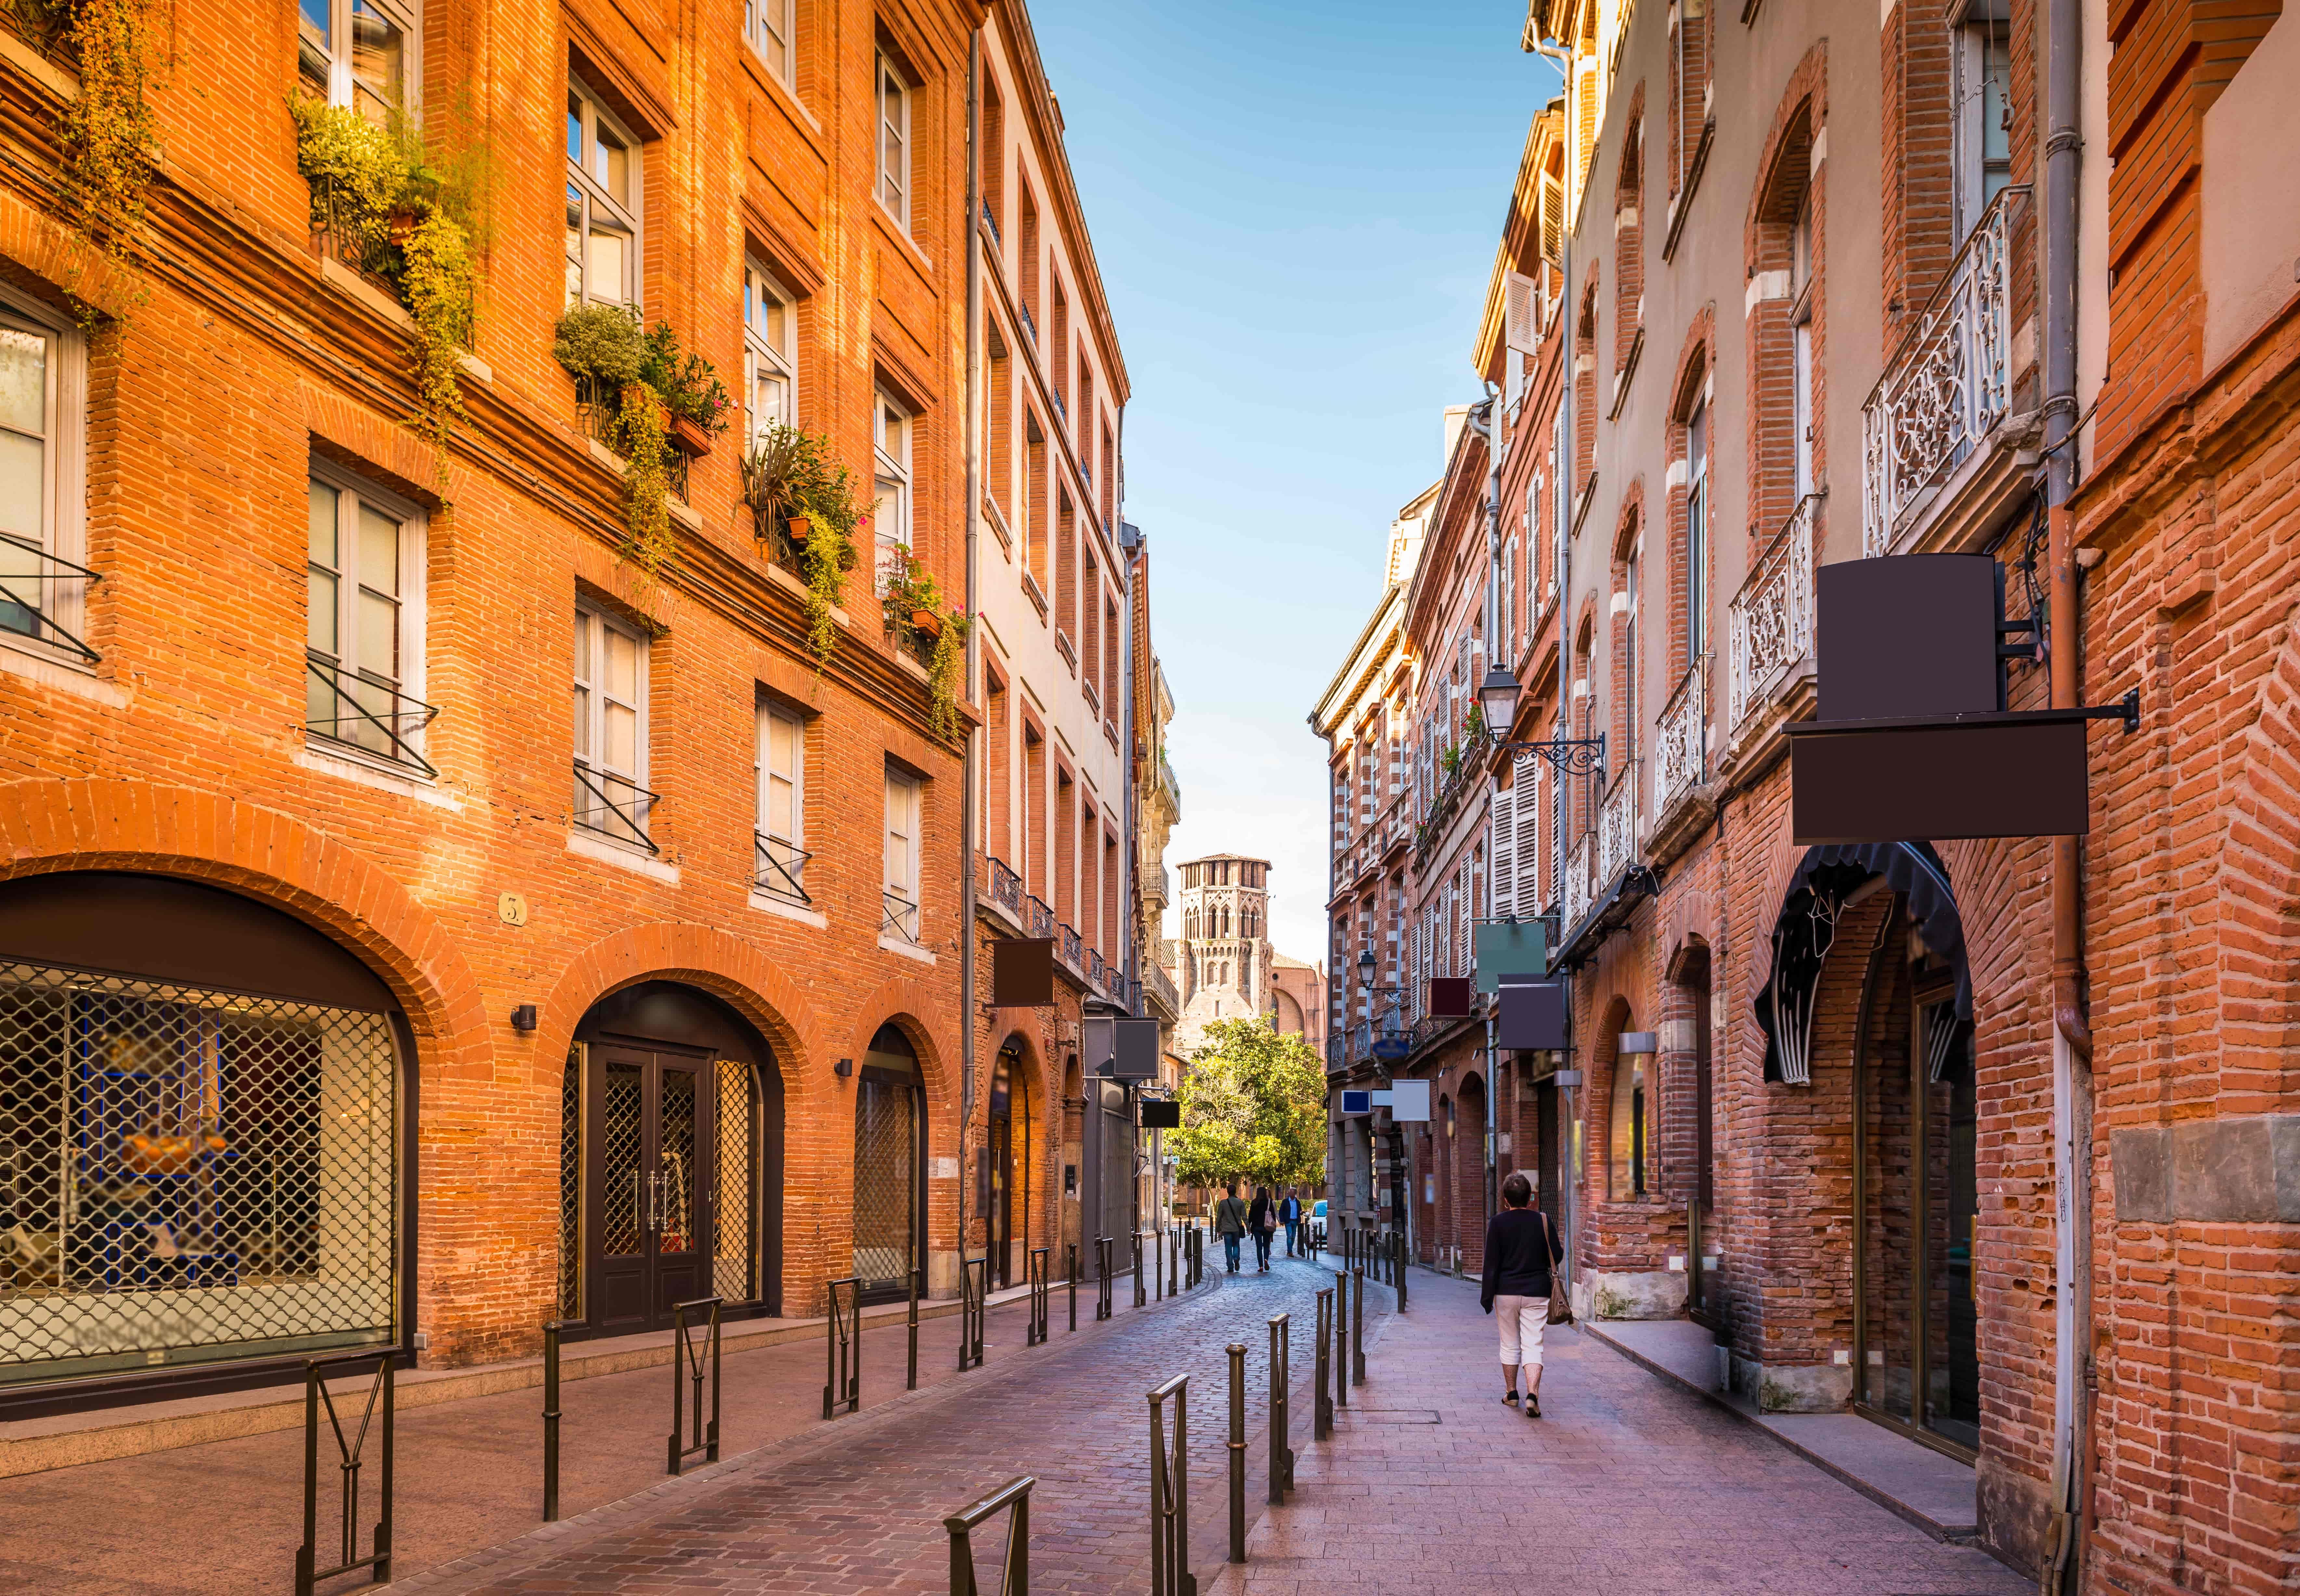 Toulouse_France_Rue de Toulouse, Haute-Garonne, Midi Pyrénées, Occitanie, France_80862060-min